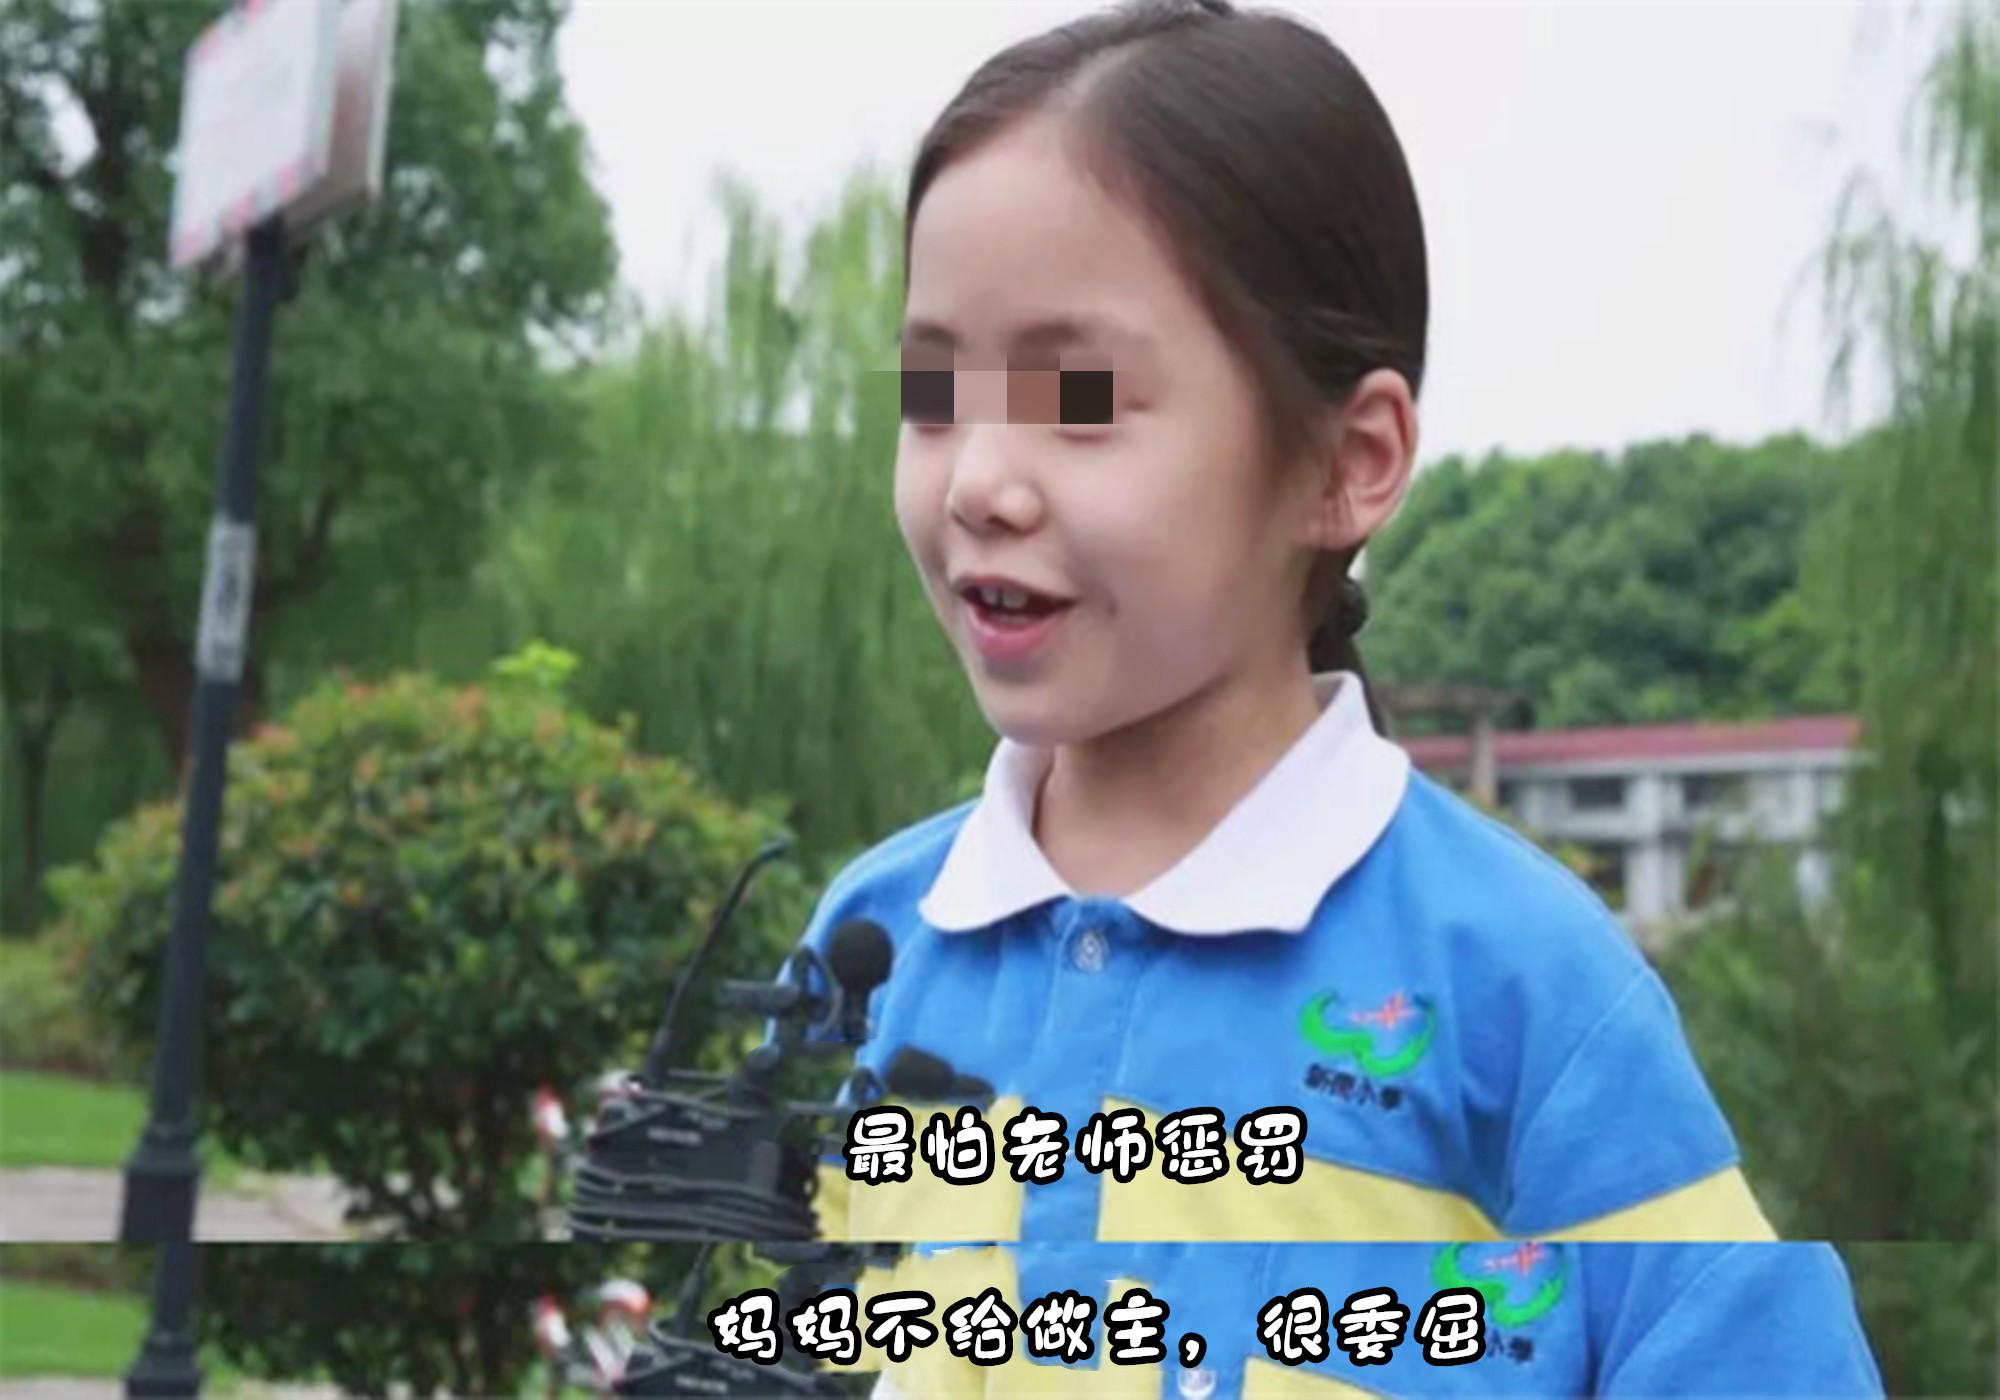 """""""你咋还敢还手?""""老师惩戒孩子遭""""还手"""",爸爸的回怼很给力"""